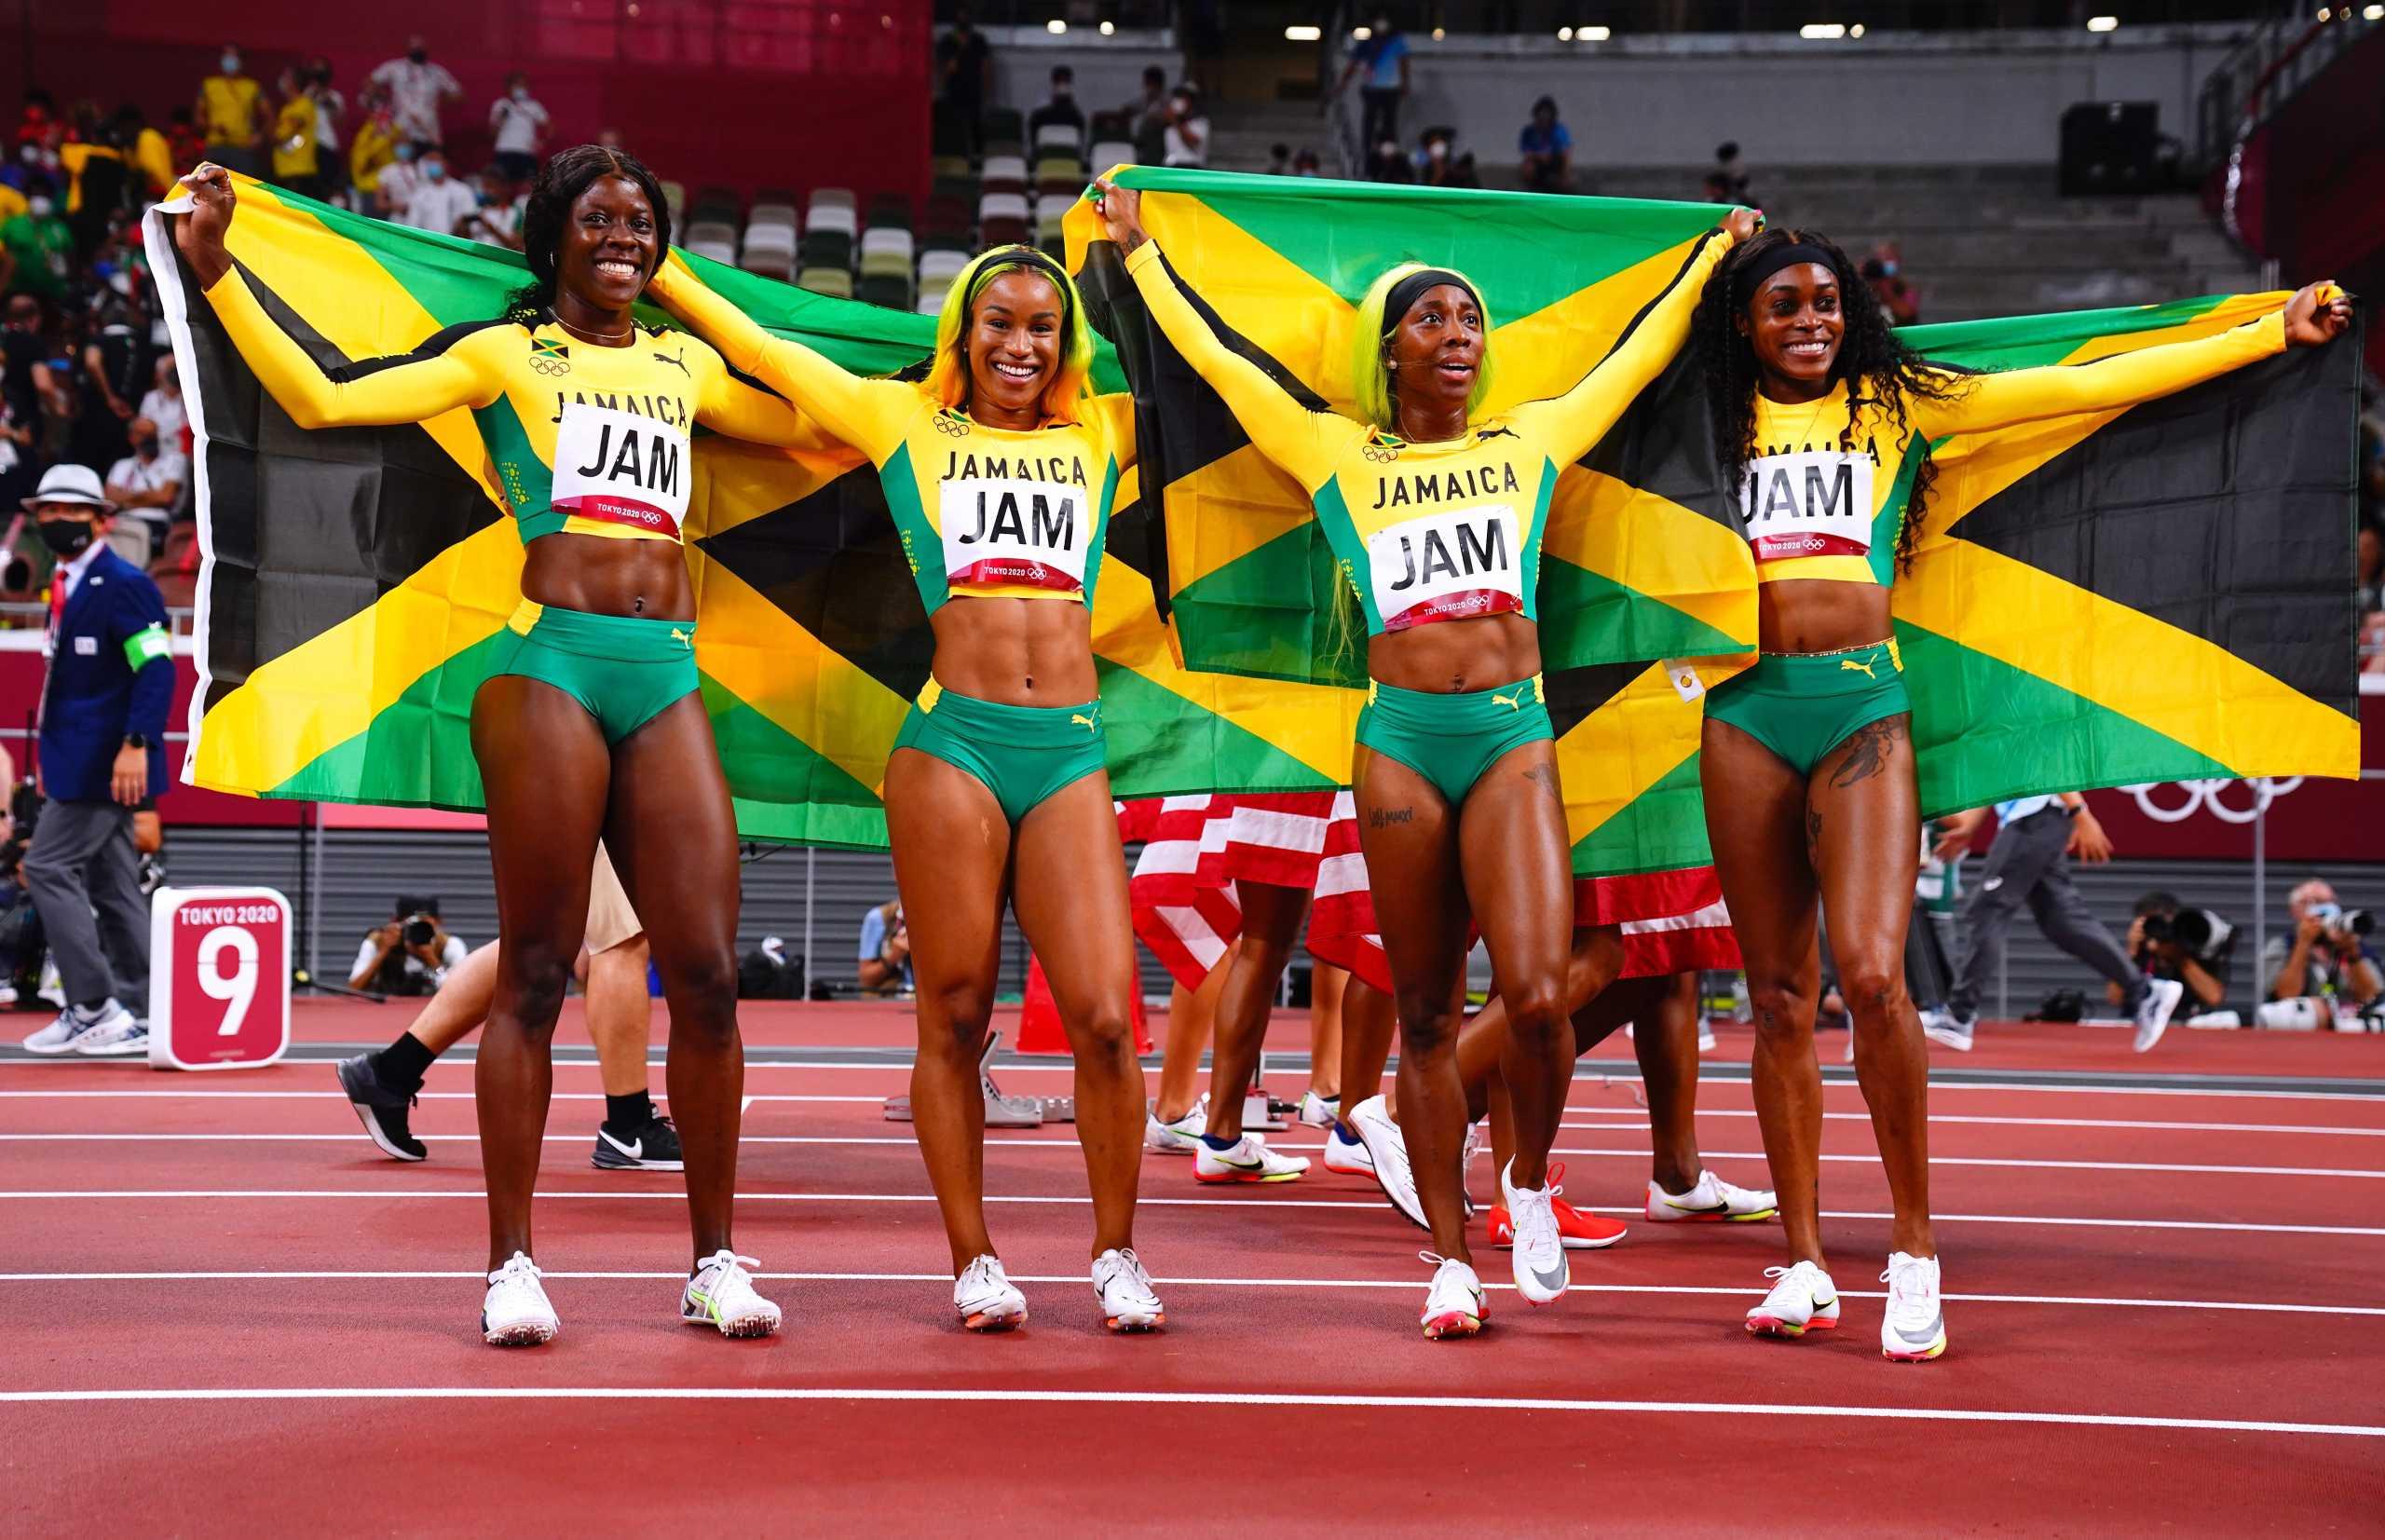 Ολυμπιακοί Αγώνες: «Άνεμος» η Τζαμάικα και χρυσό μετάλλιο στη σκυταλοδρομία 4×100 στις γυναίκες